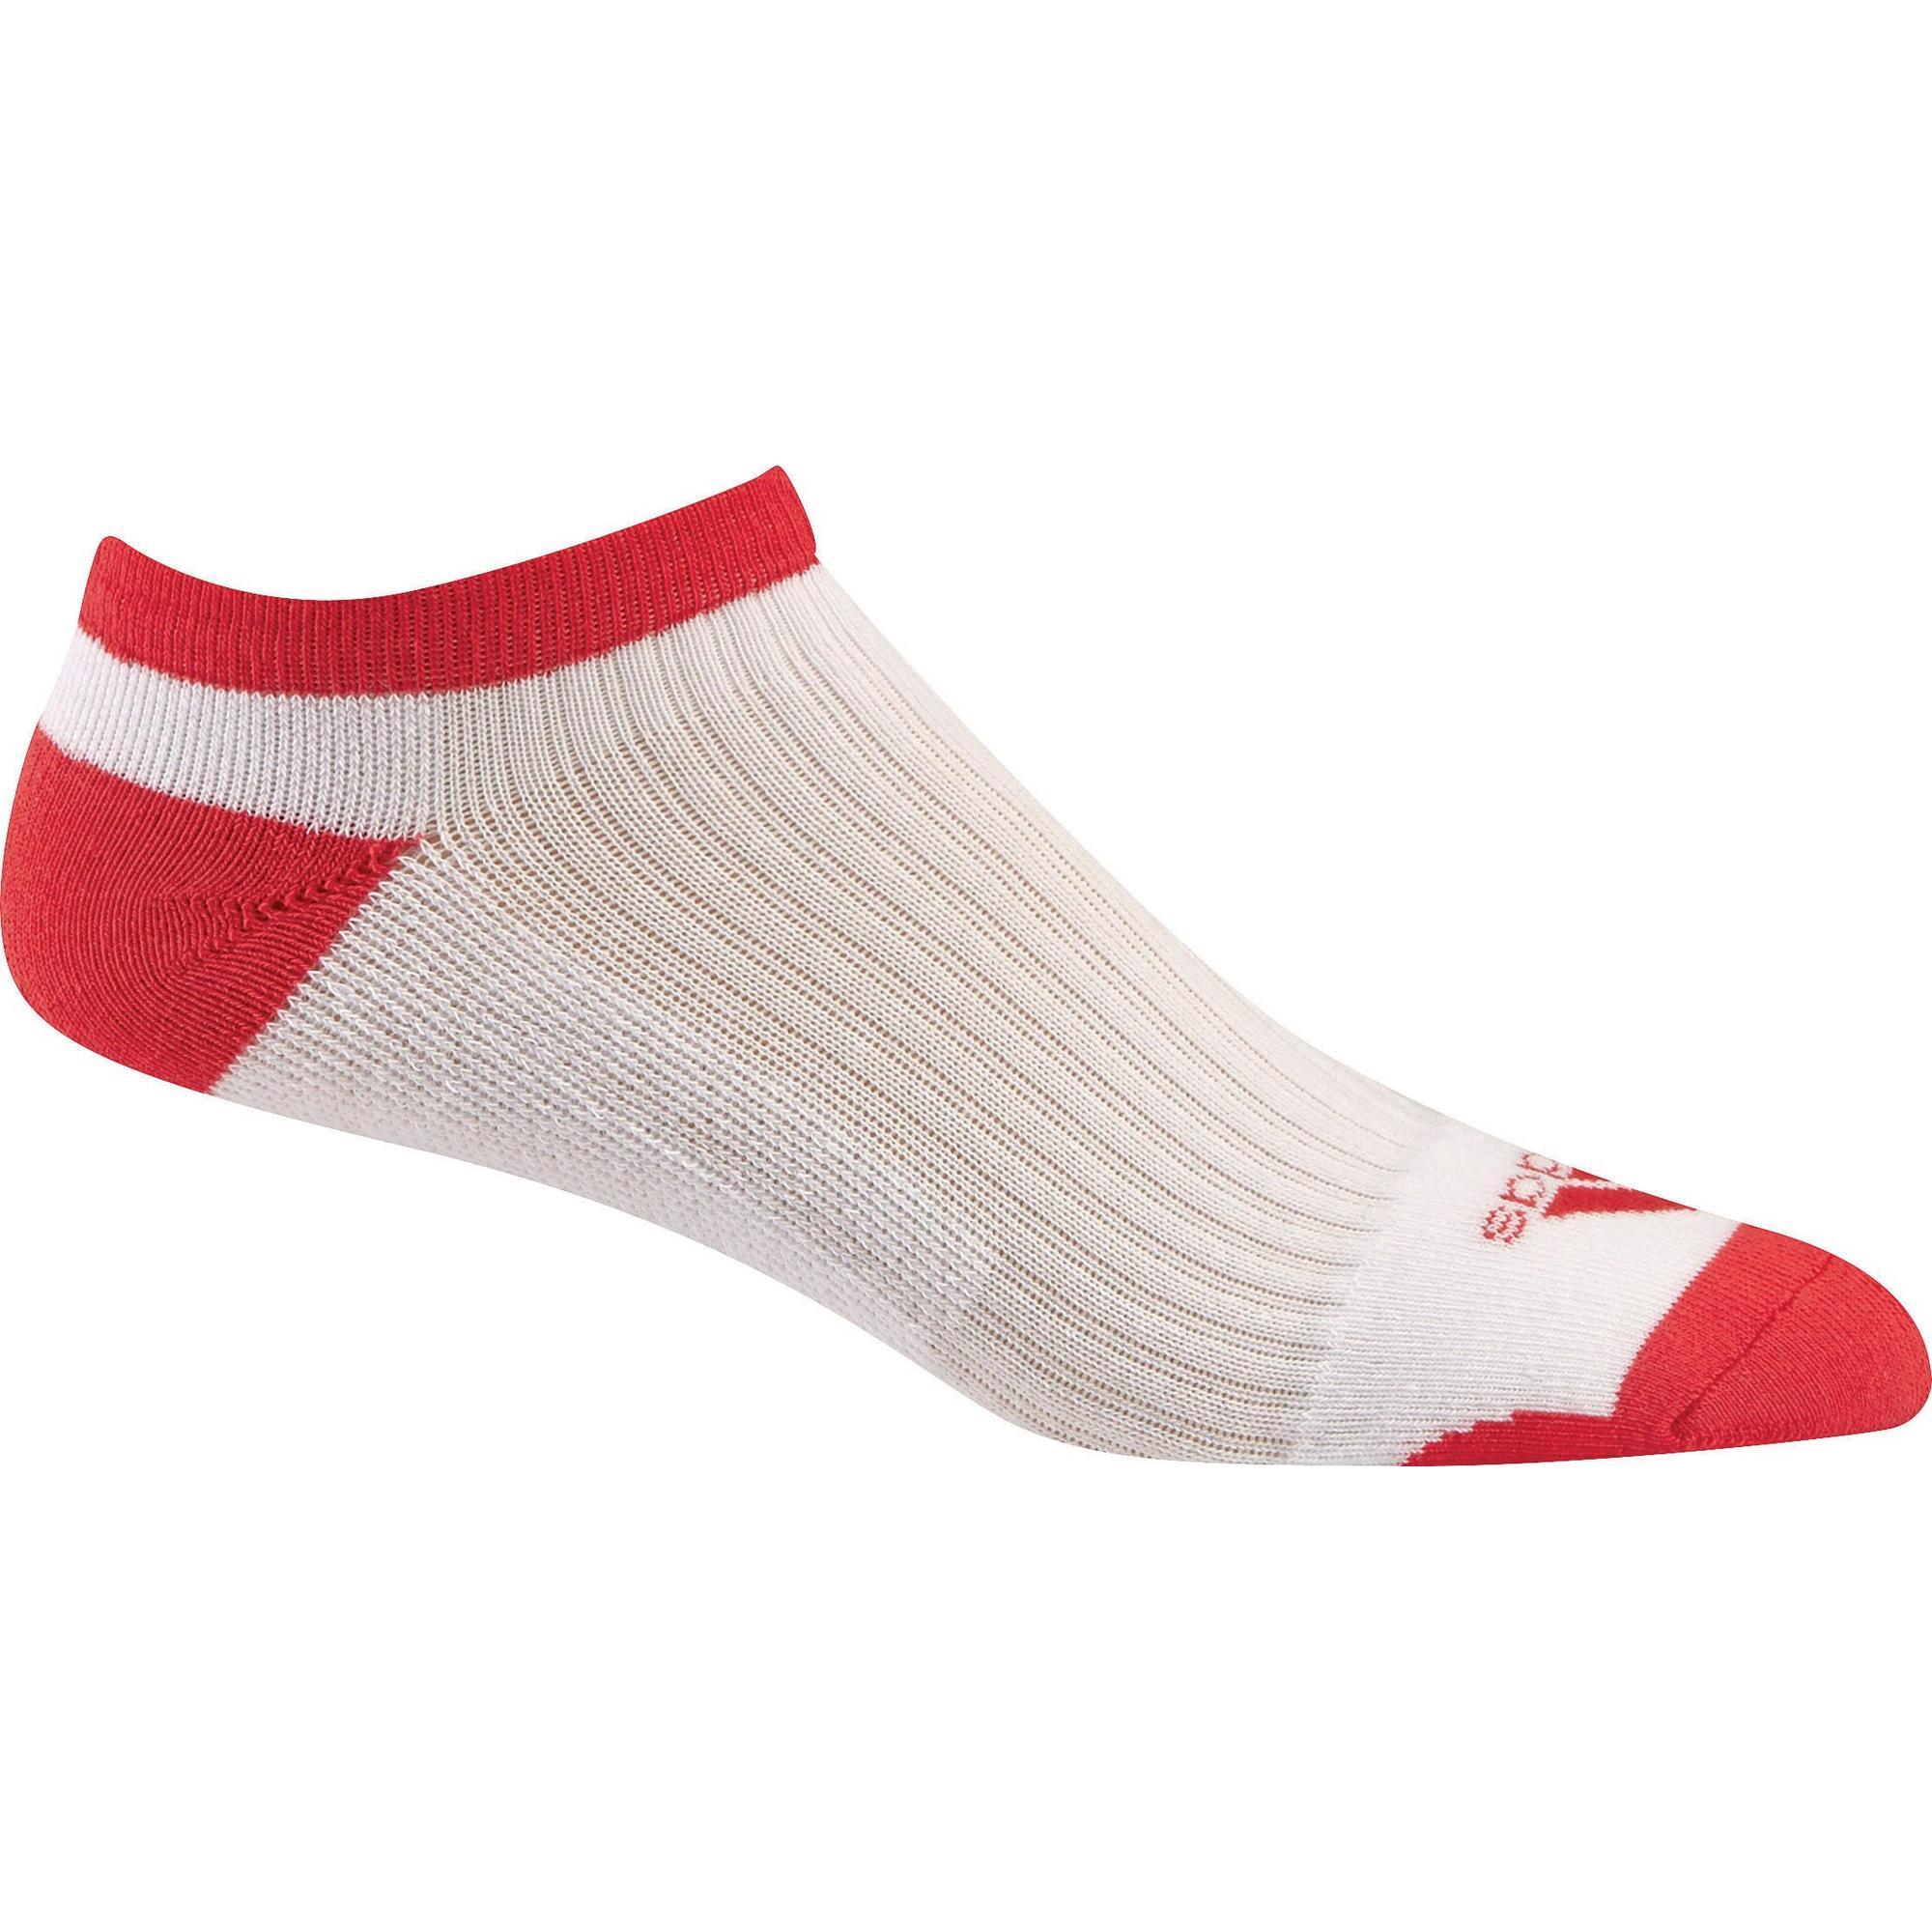 Socquettes Comfort pour femmes